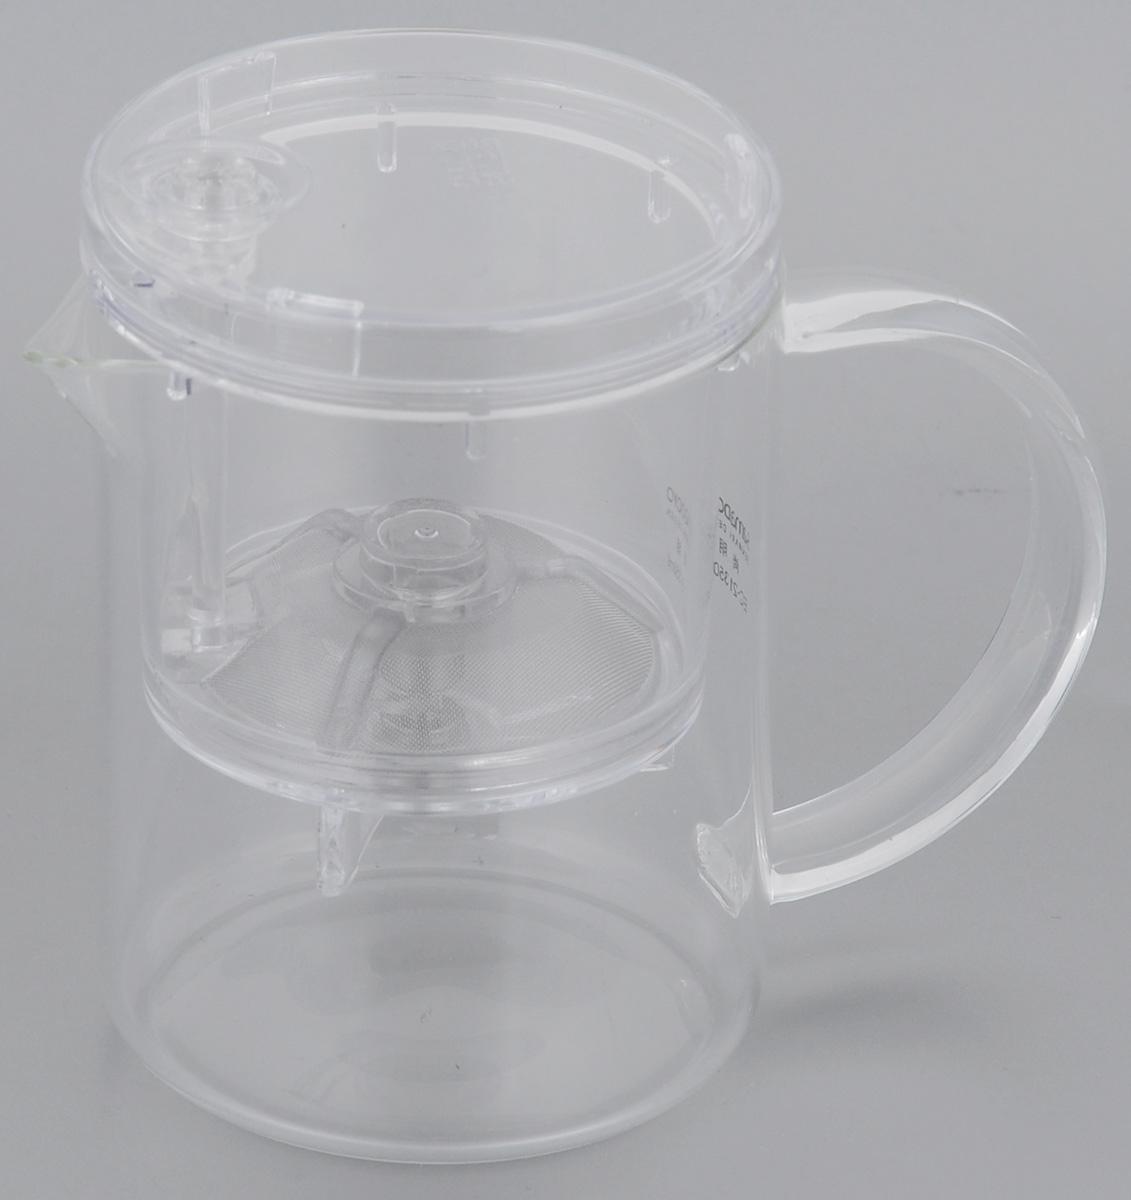 Чайник заварочный Samadoyo, 350 мл02010, 02012Заварочный чайник Samadoyo - простой и в тоже время профессиональный инструмент для того, чтобы заварить ваш любимый чай. Уникальный механизм слива чайного настоя позволяет вам получить напиток любой степени крепости. Чайник можно не только комфортно использовать на работе или в офисе, но и взять с собой в путешествие, чтобы ваш любимый чай был всегда с вами! Чайник выполнен из высококачественного боросиликатного стекла и выдерживает температуру до 180°С, что позволяет не беспокоиться относительно слишком горячего кипятка. Заварочная колба выполнена из специального пищевого пластика, имеет металлический фильтр, предотвращающий попадание чаинок в настой, а специальный запатентованный клапан сливает все без остатка в чайник. Края крышки колбы имеют специальные бортики. Это очень удобно в тех случаях, когда колбу, после заваривания, нужно поставить на стол и при этом не пролить чай. Колбу по необходимости можно купить отдельно. Высота...